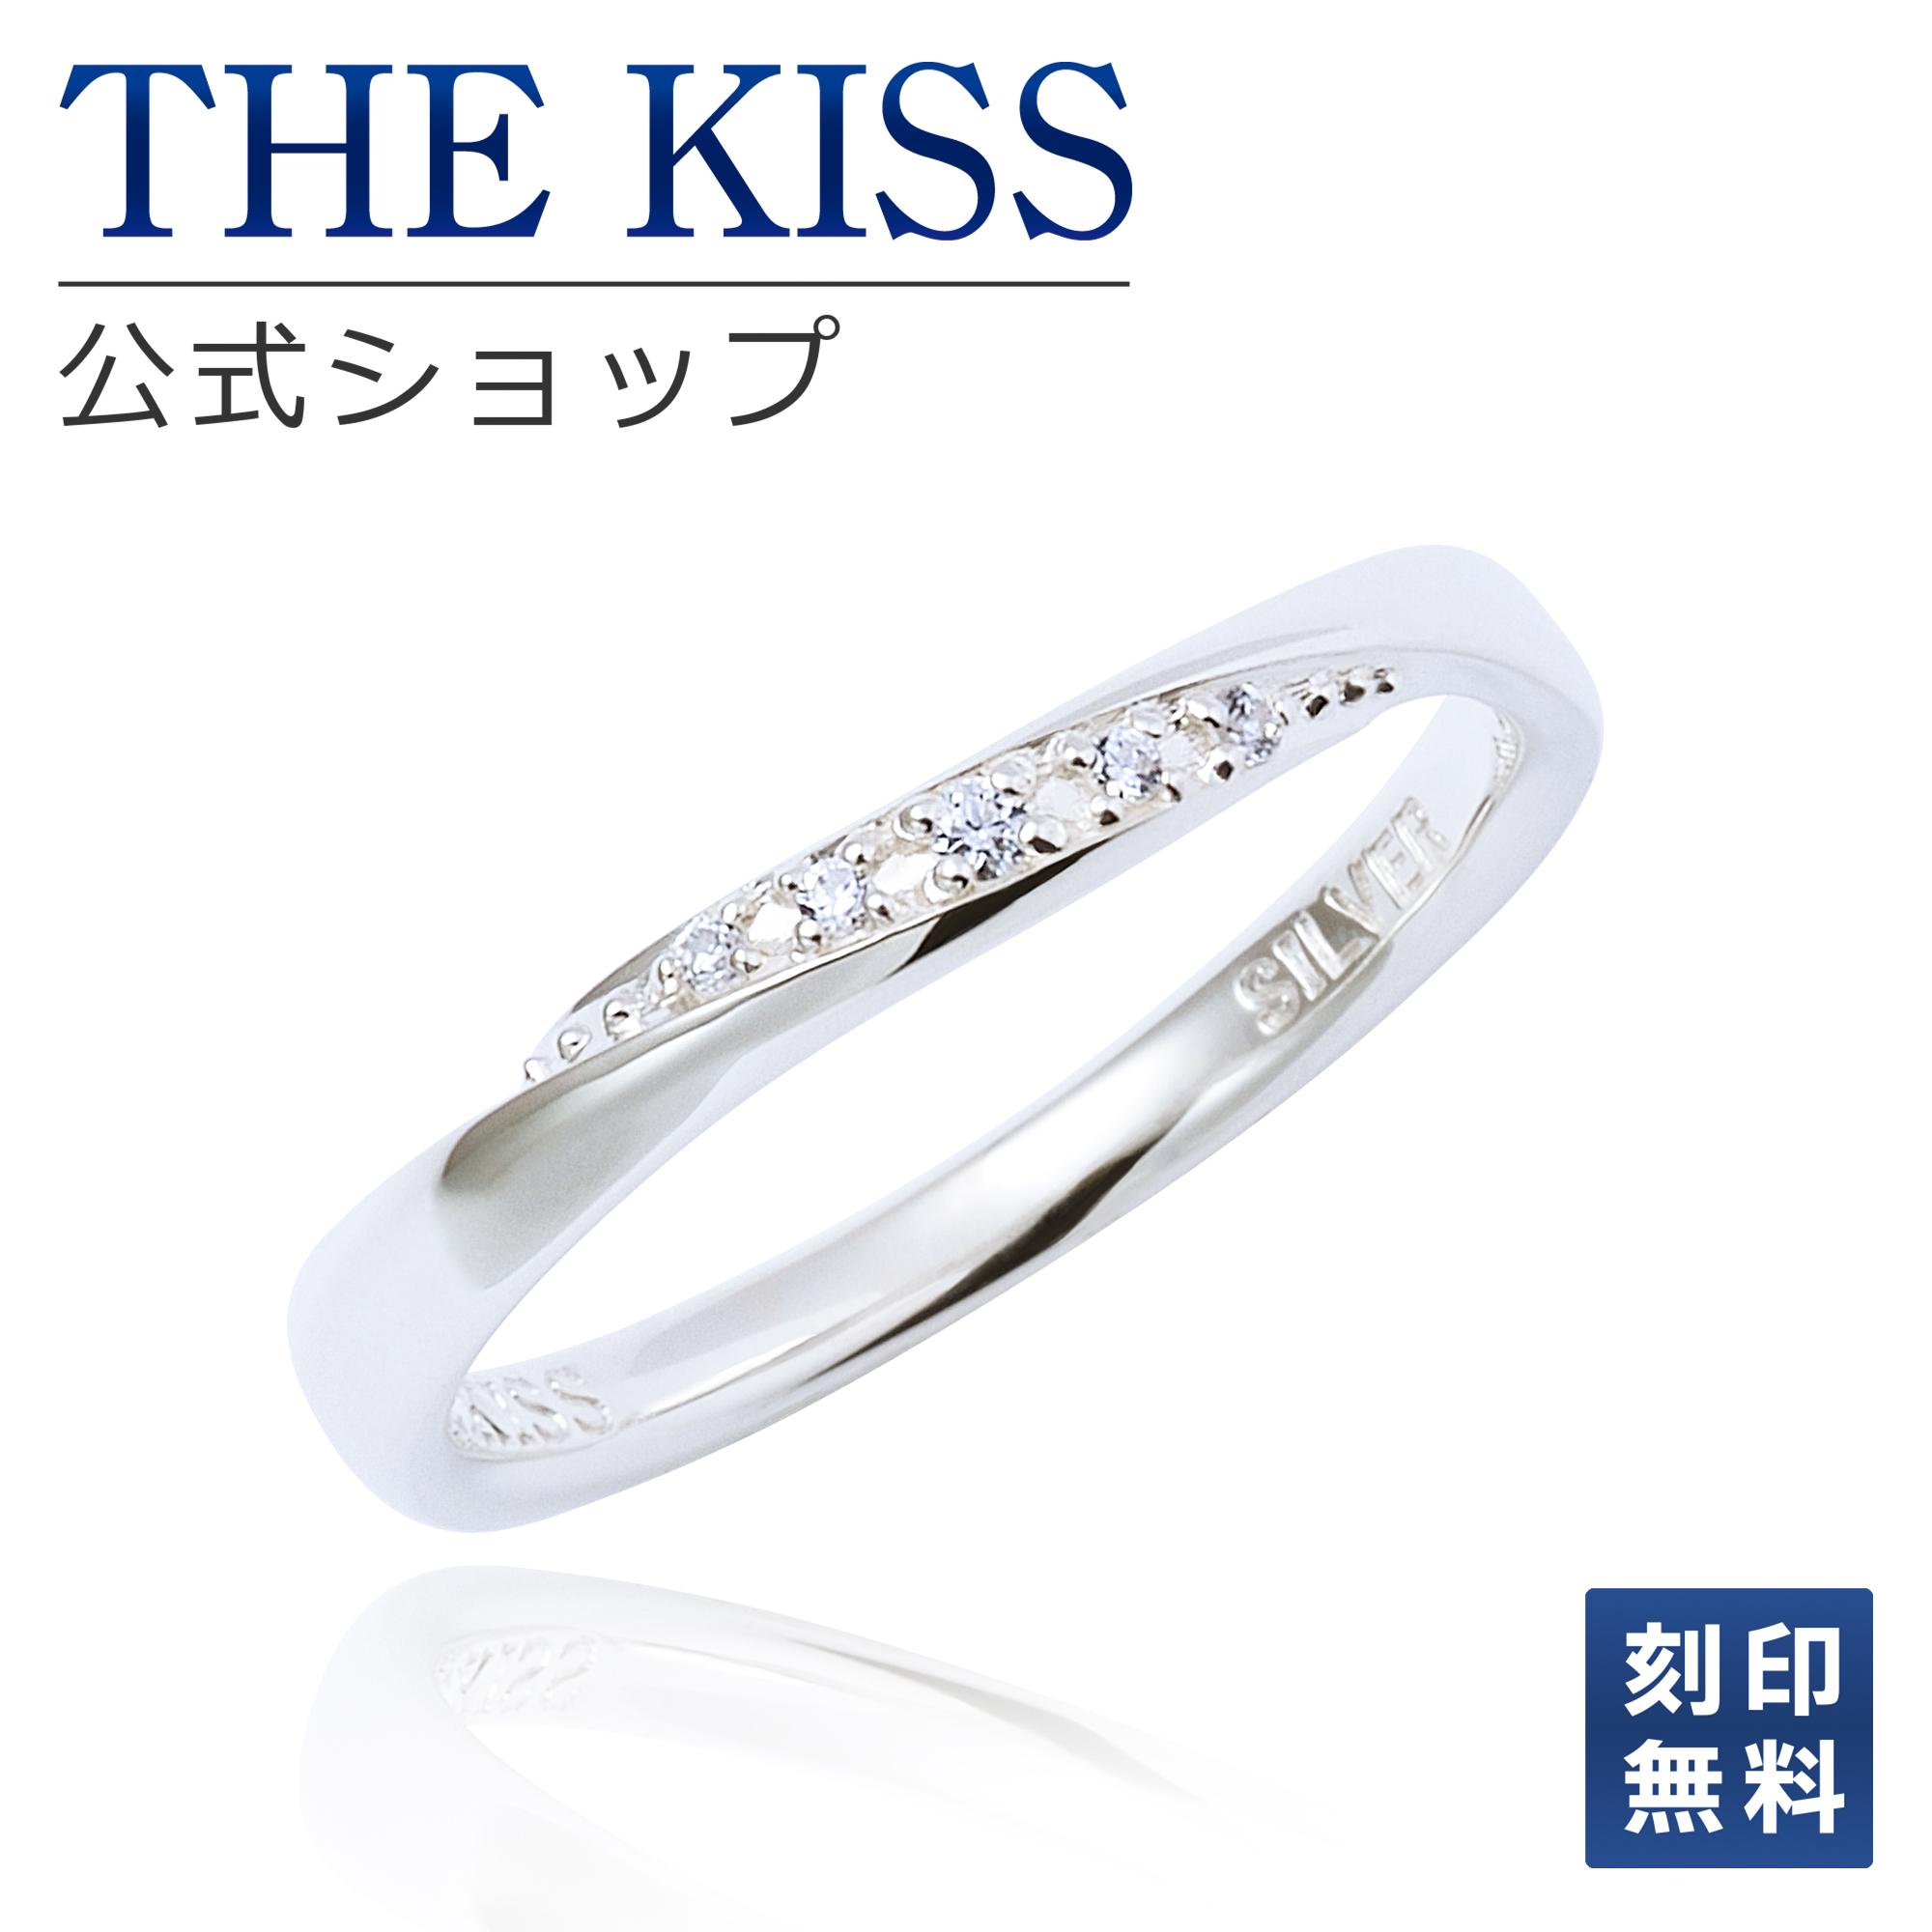 【刻印可_3文字】【あす楽対応】THE KISS 公式サイト シルバー ペアリング ( レディース 単品 ) ペアアクセサリー カップル に 人気 の ジュエリーブランド THEKISS ペア リング・指輪 記念日 プレゼント SR1844CB ザキス 【送料無料】